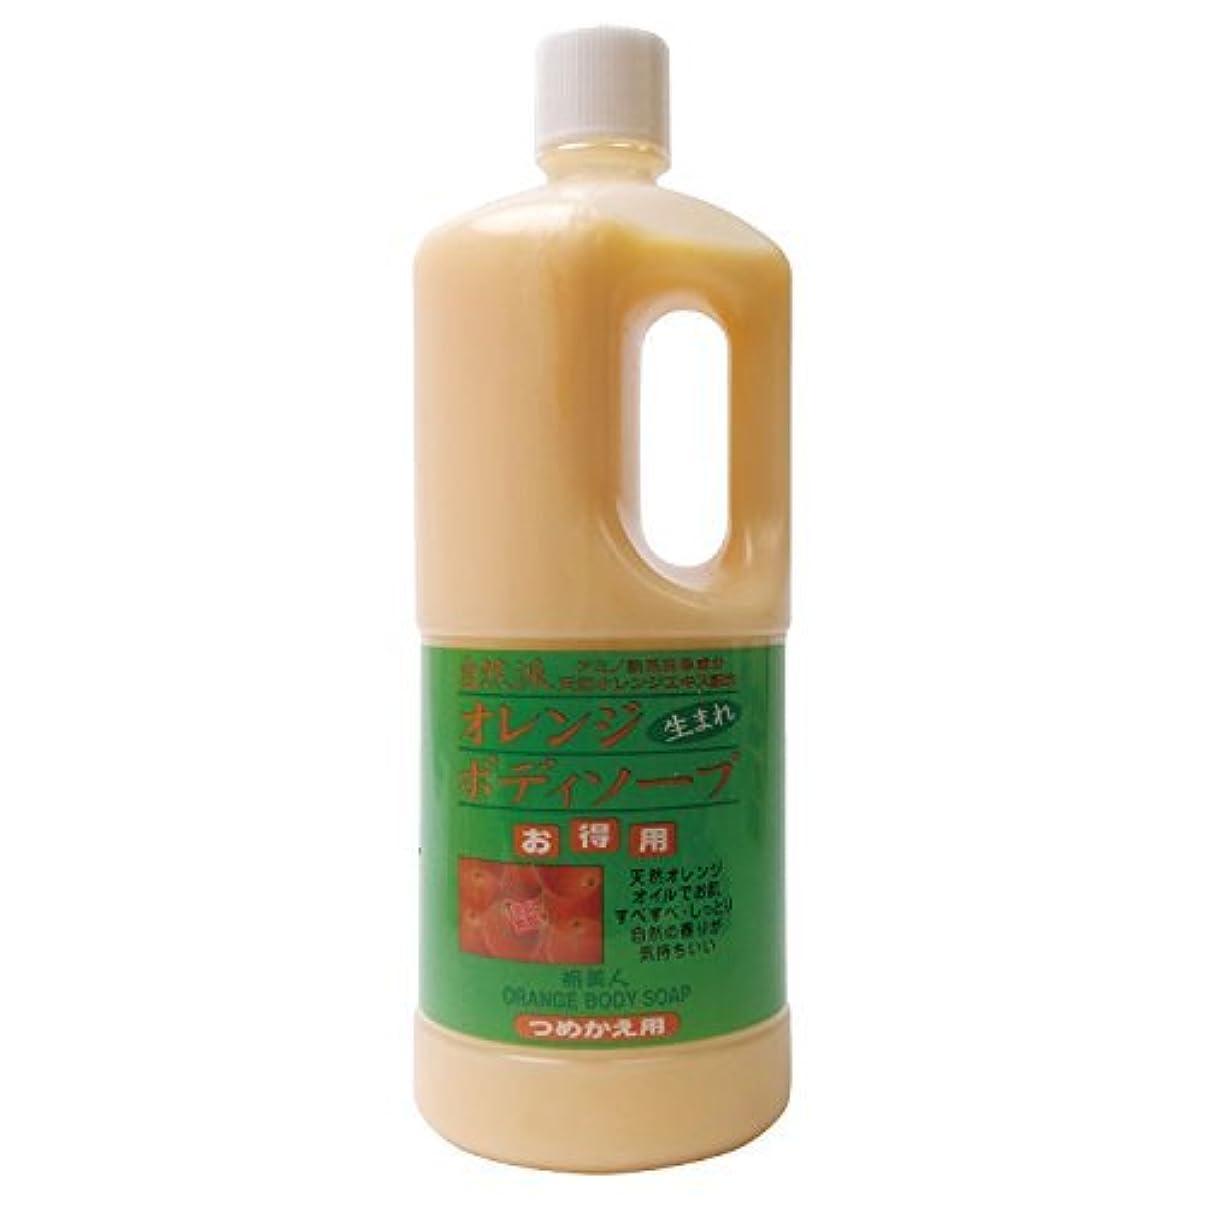 添加キロメートル小石アズマ商事のオレンジボディソープ詰め替え用1000ml